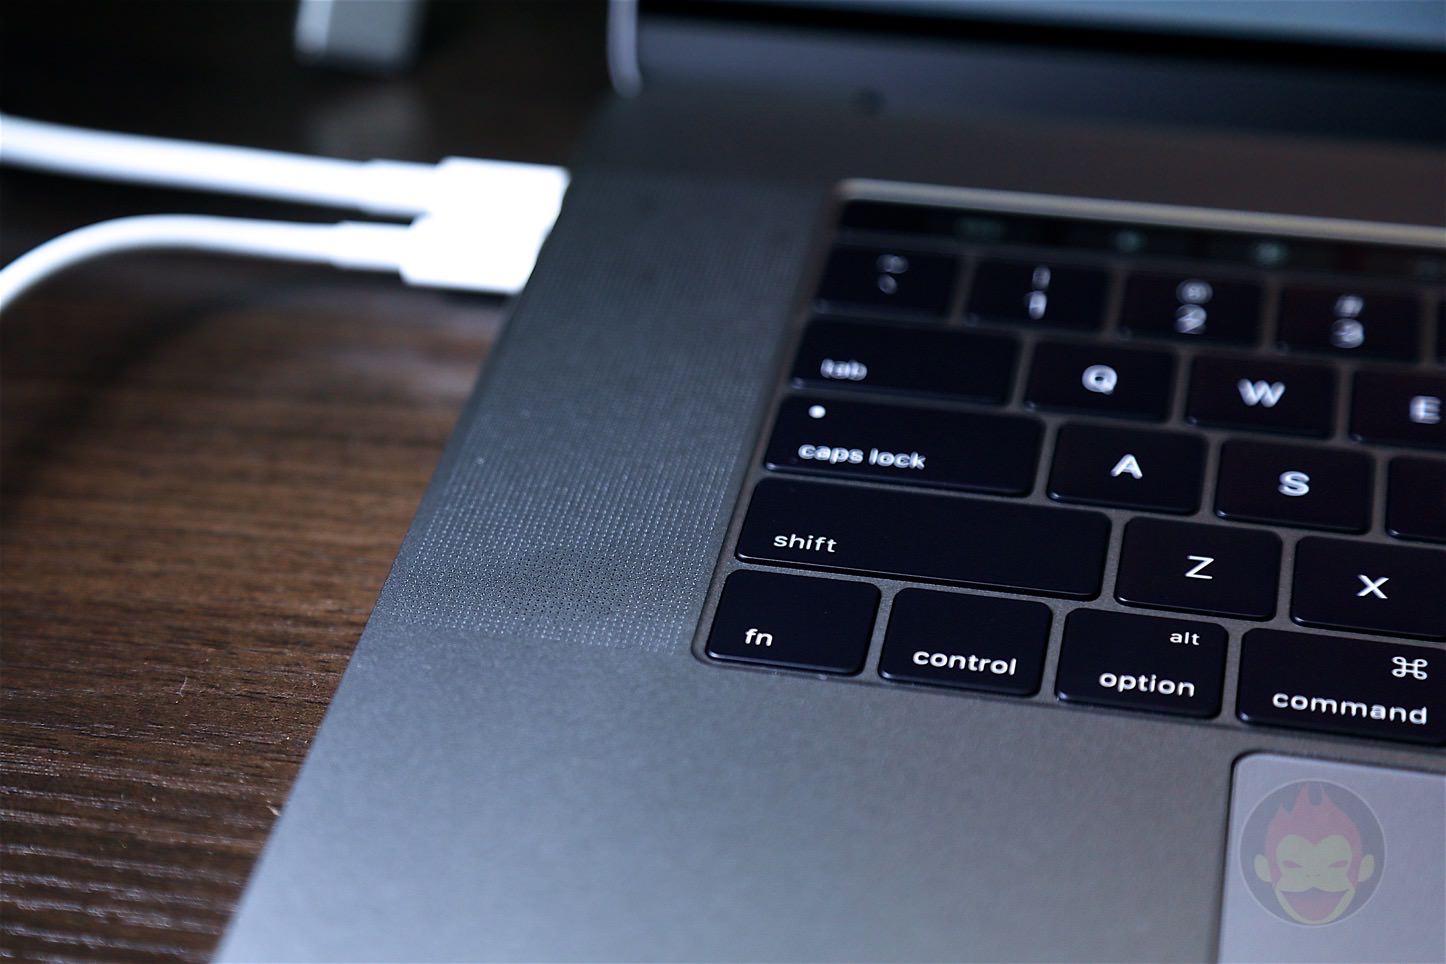 15インチ型「MacBook Pro (Late 2016)」Touch Barモデルーーファーストインプレッション